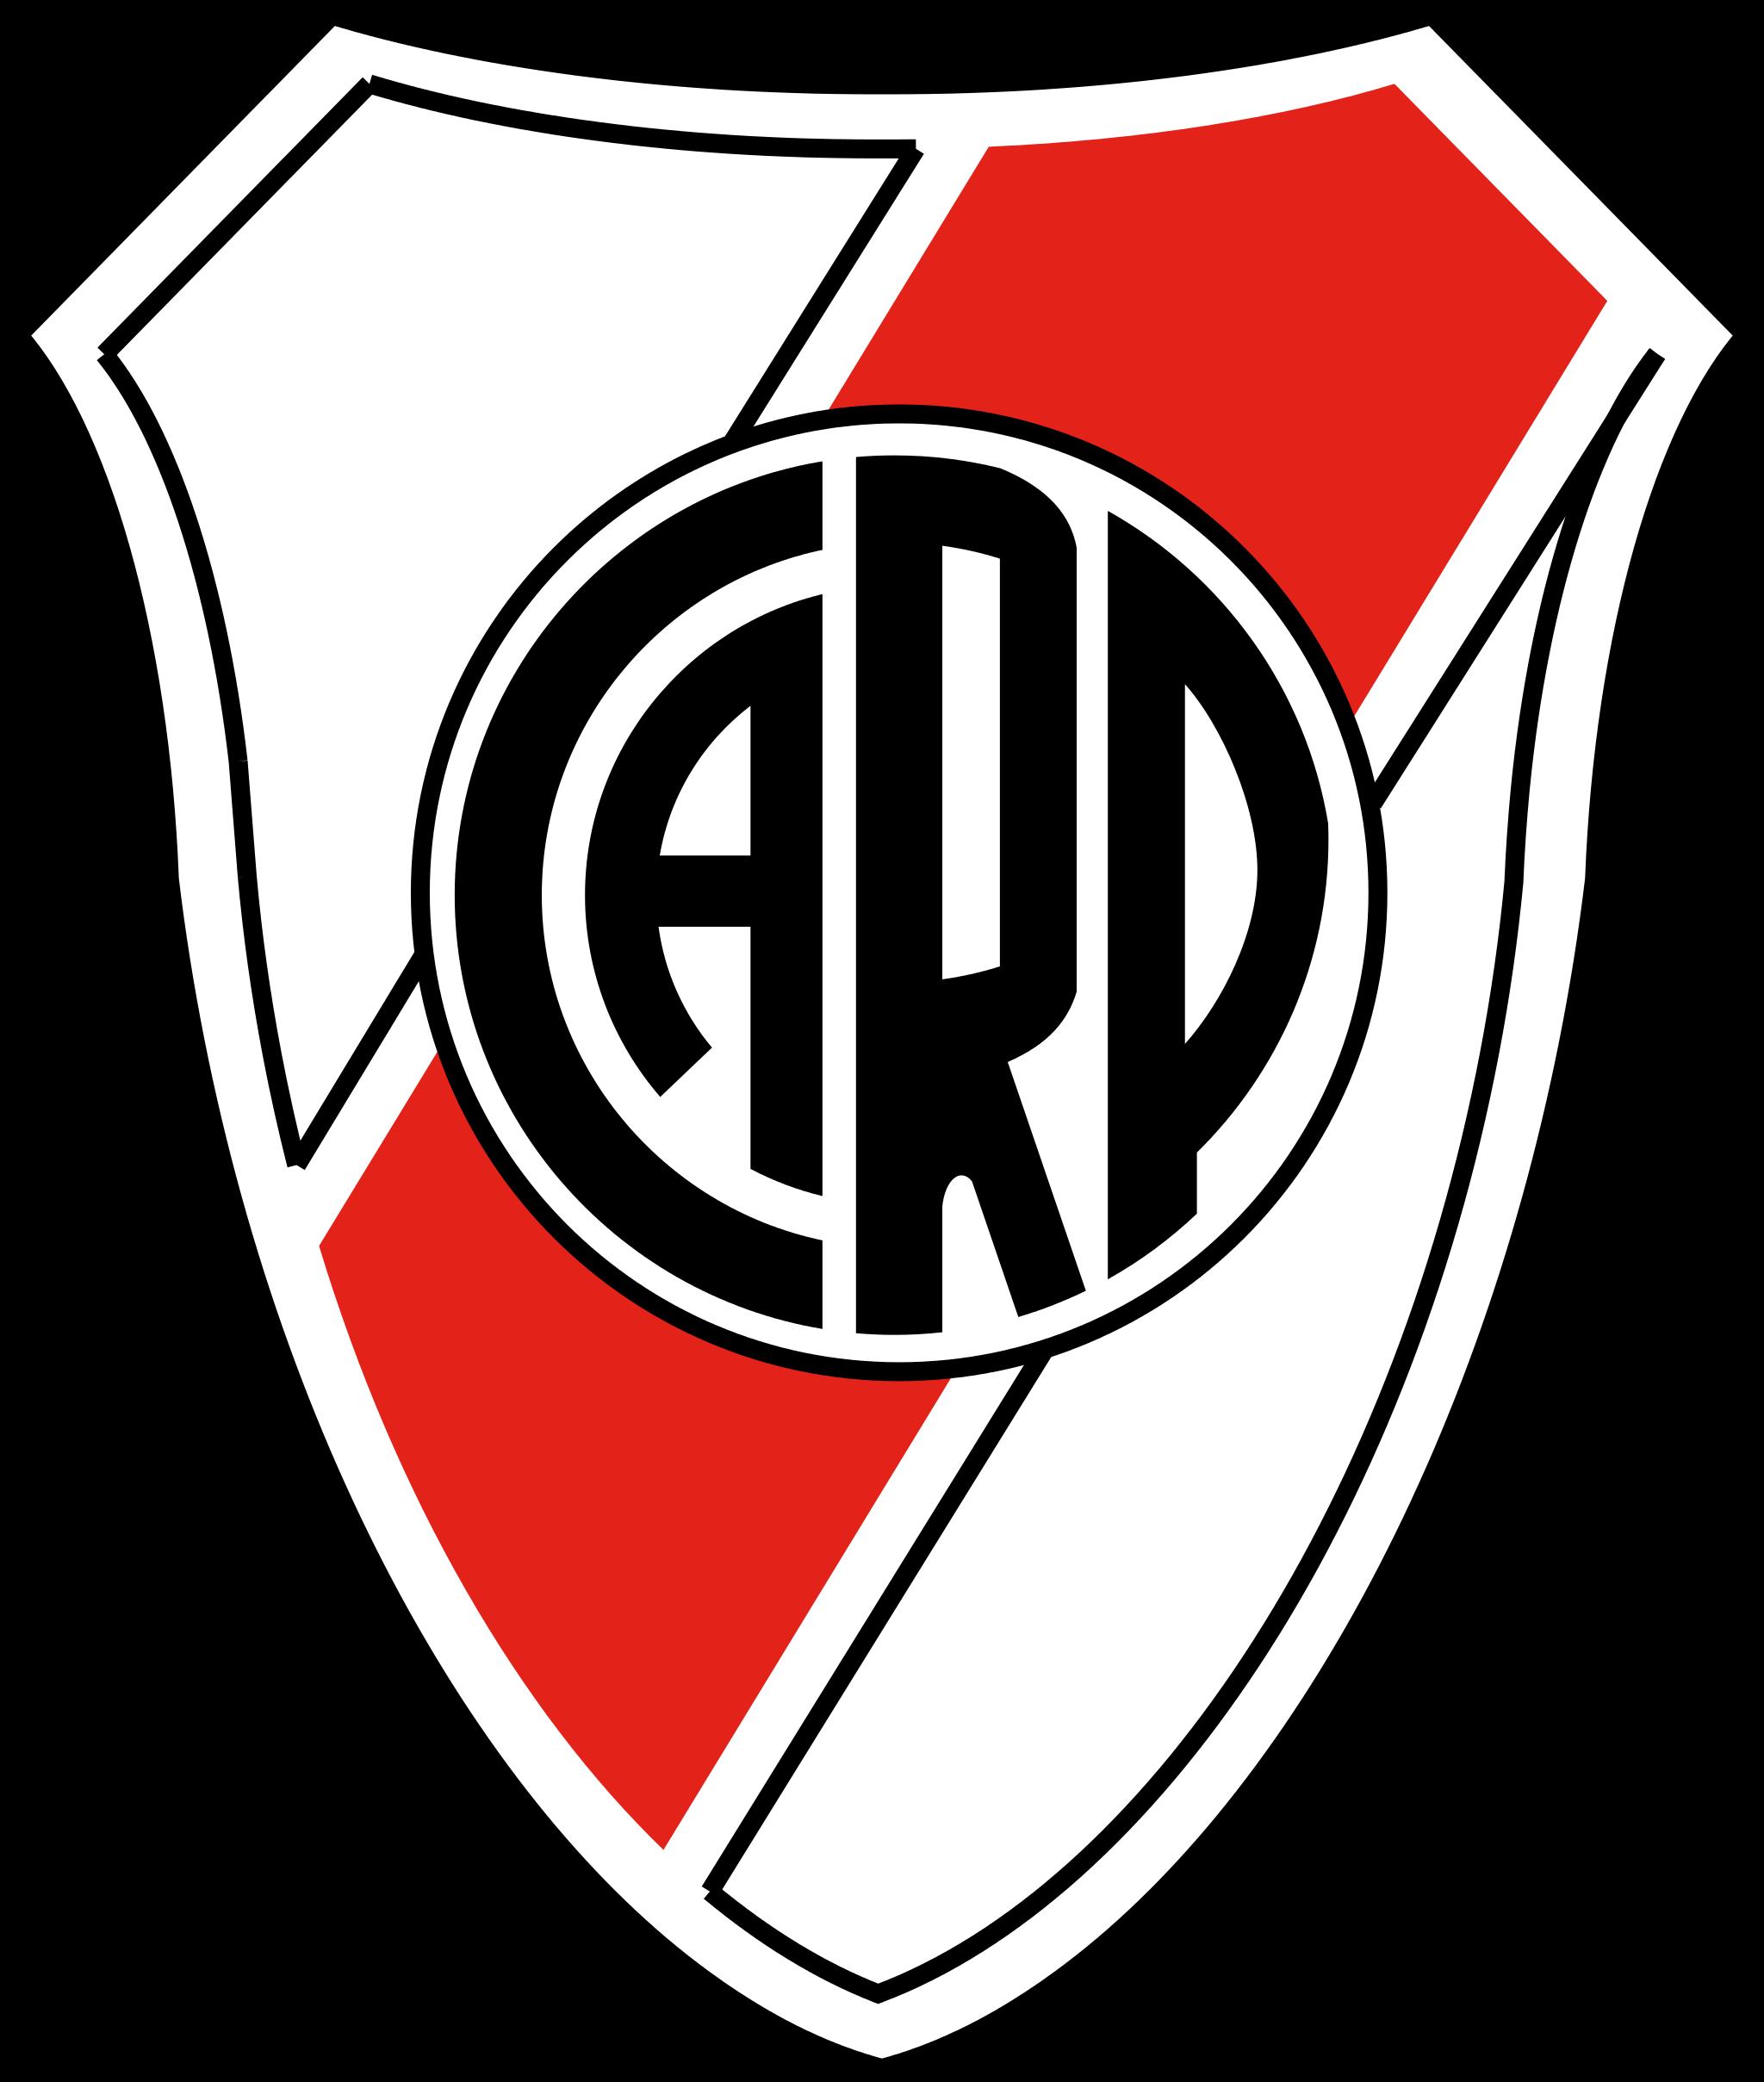 river plate logo 4 - River Plate Logo - Club Atlético River Plate Escudo